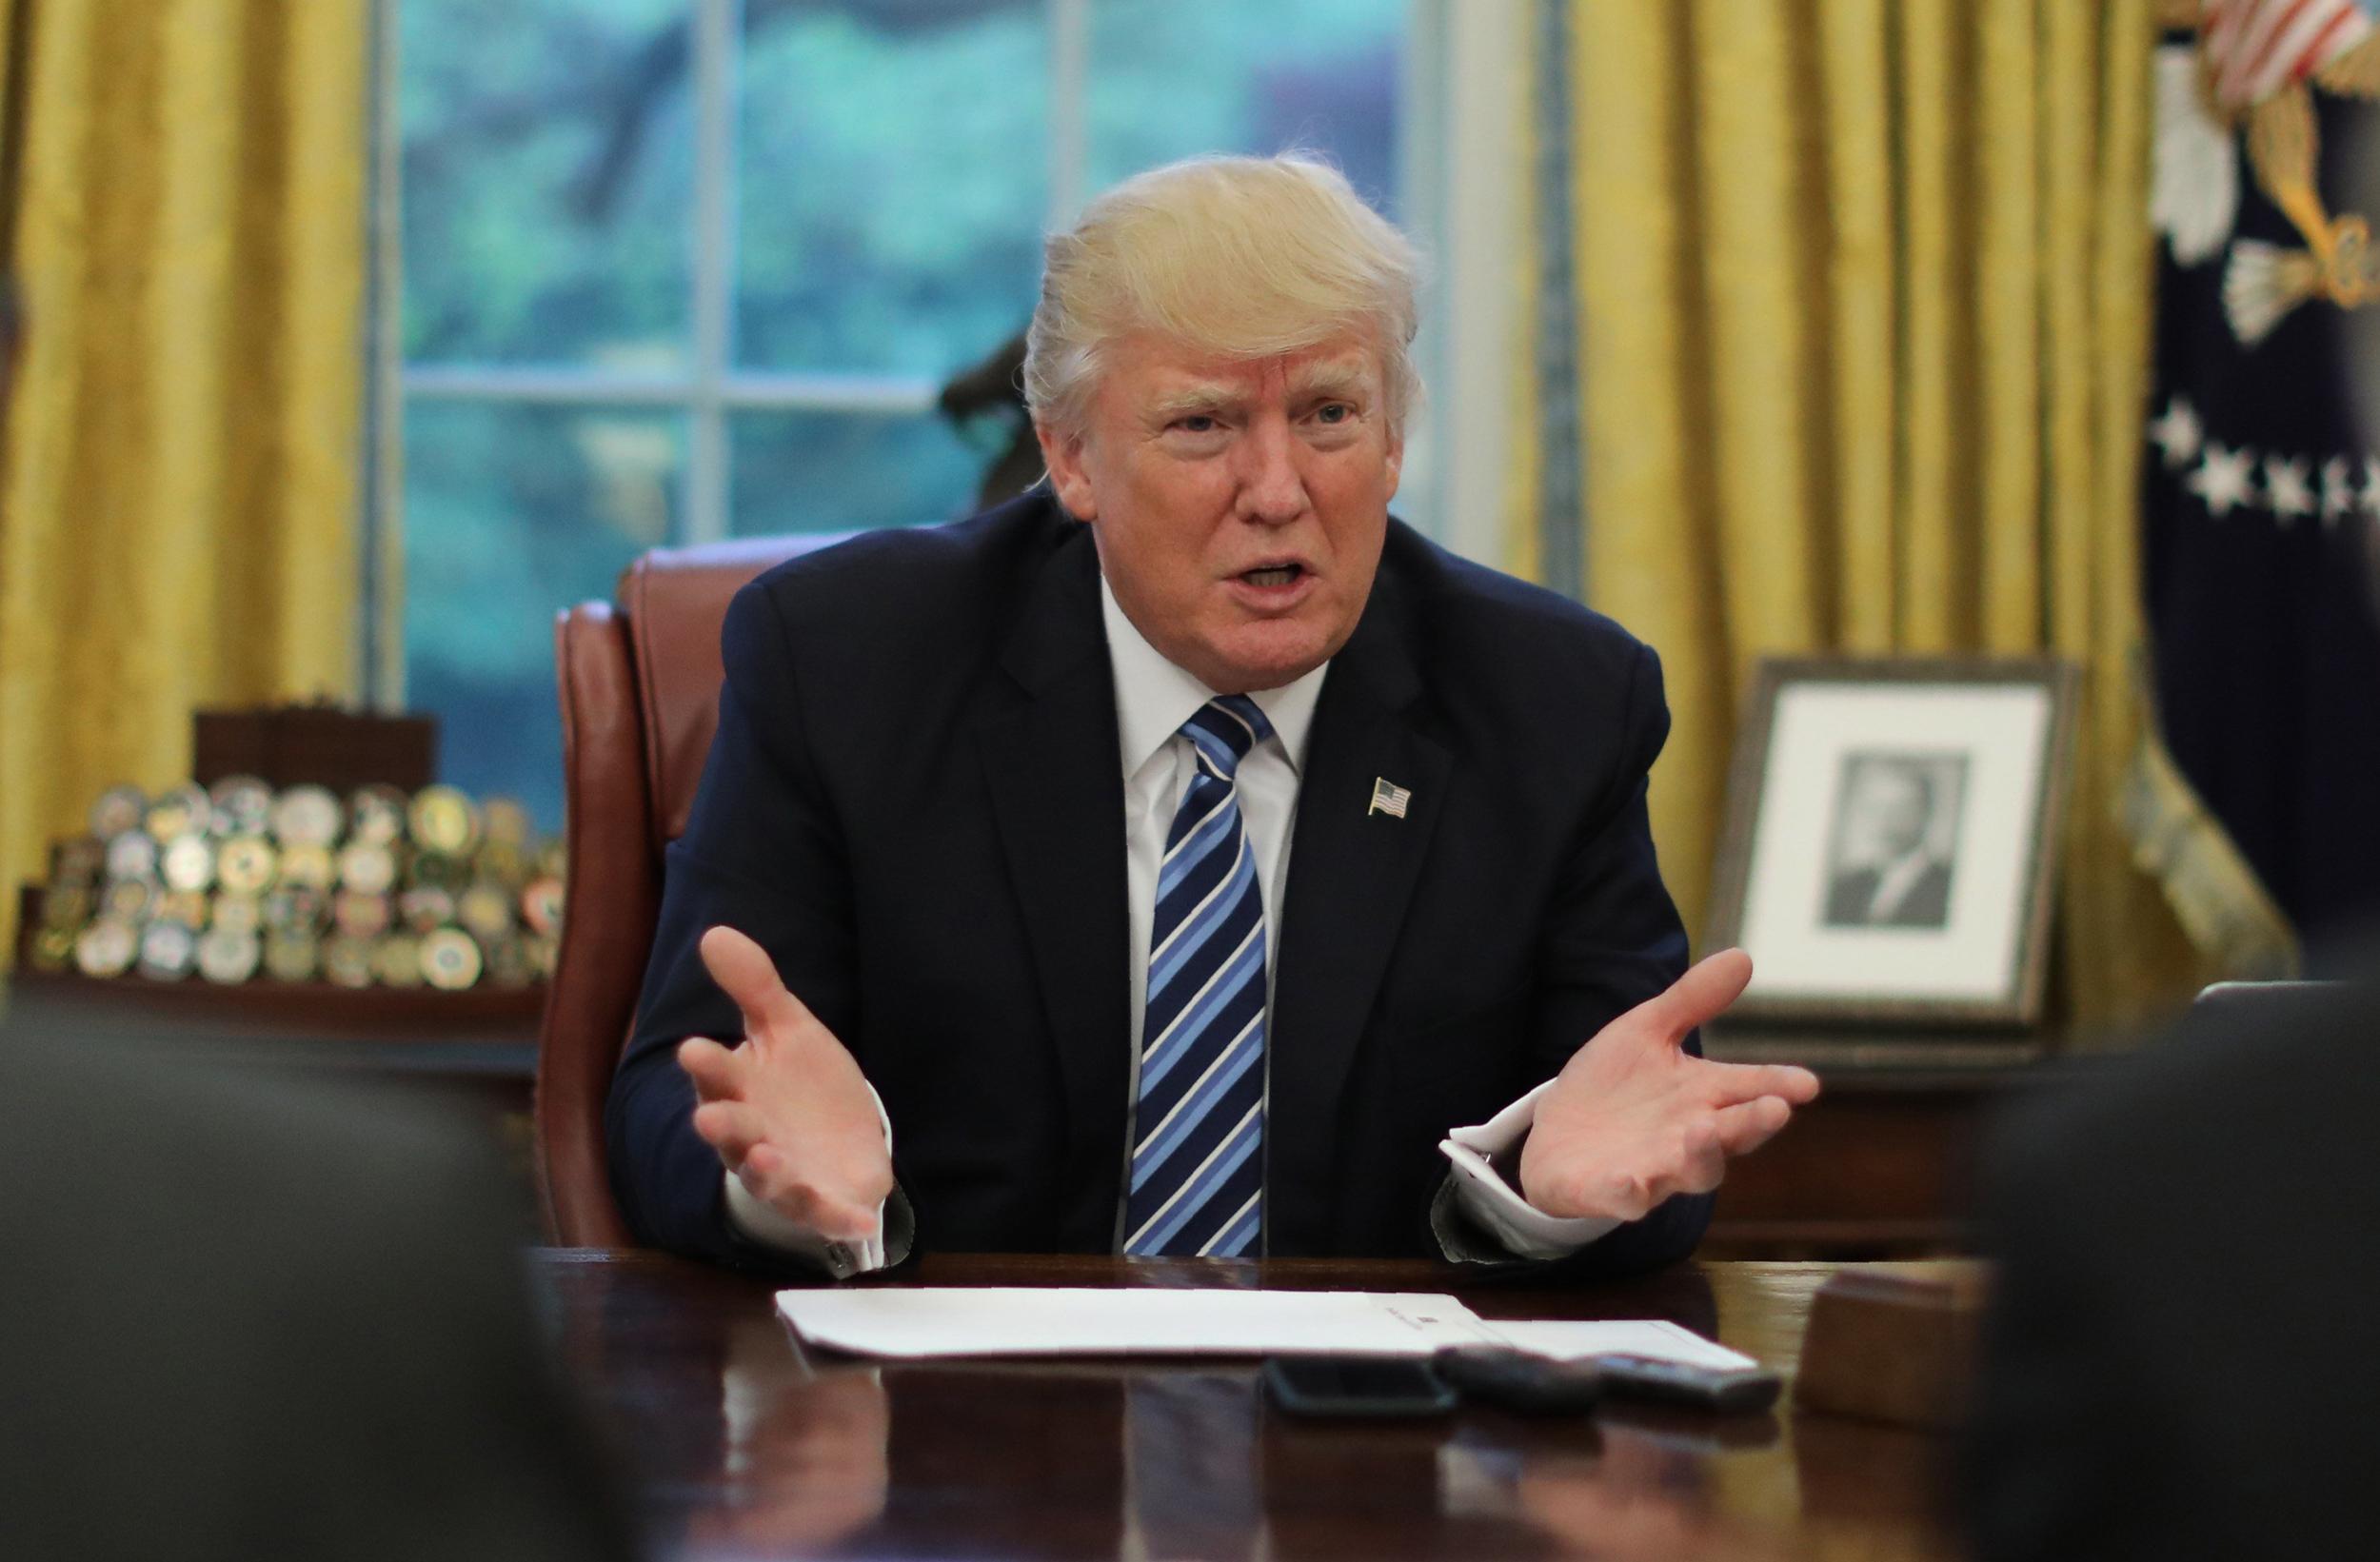 100 Days of @RealDonaldTrump: A Data Dive